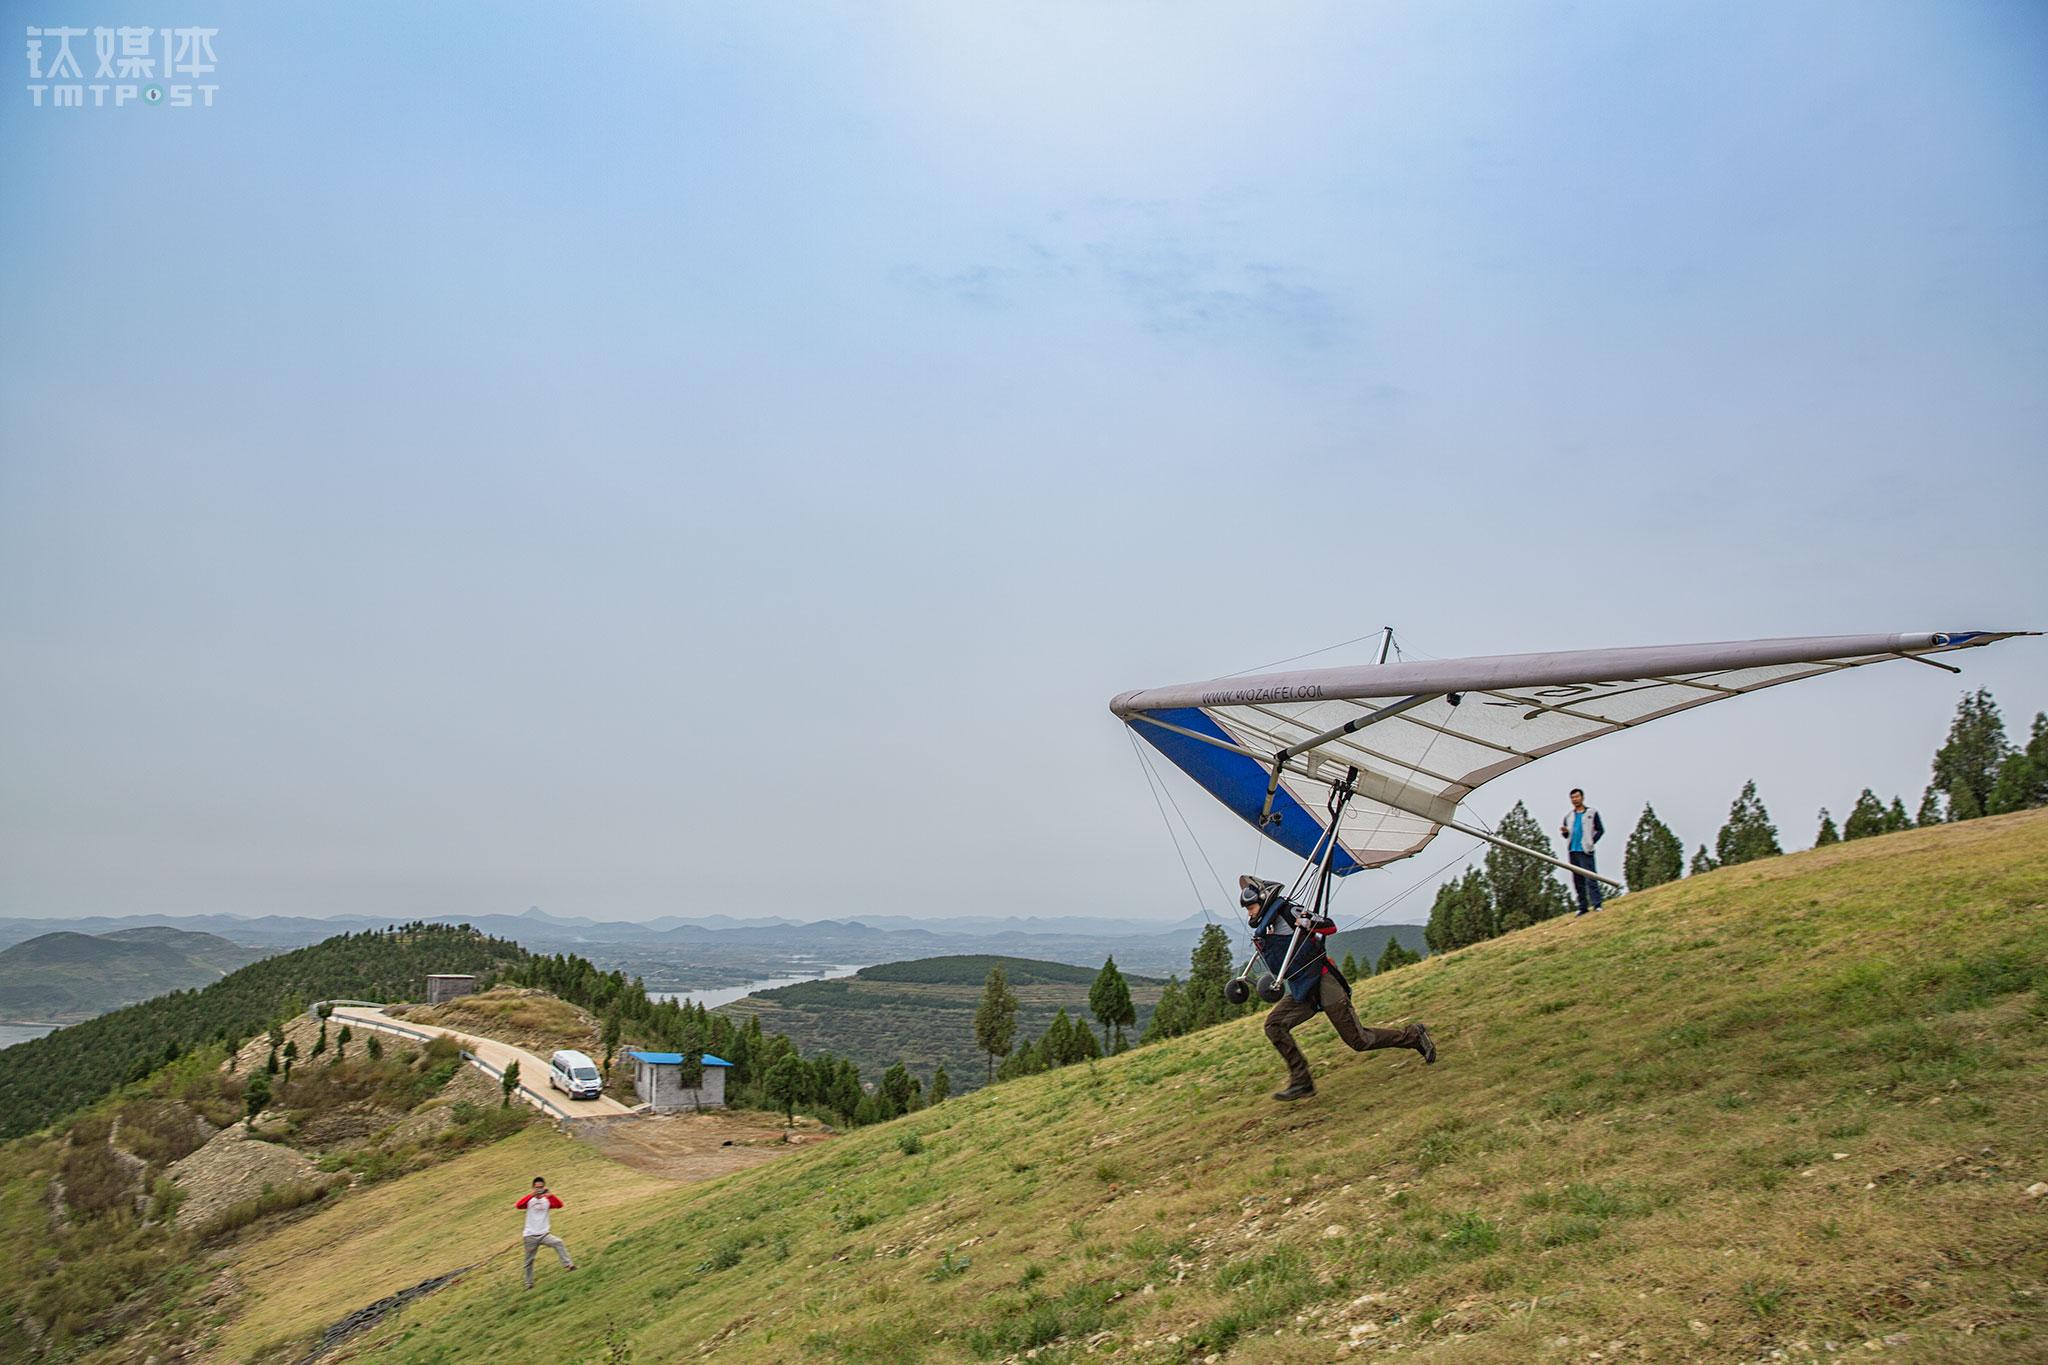 风向气流适合的时机到来,早已组装好三角翼的飞手从山坡助跑起飞。